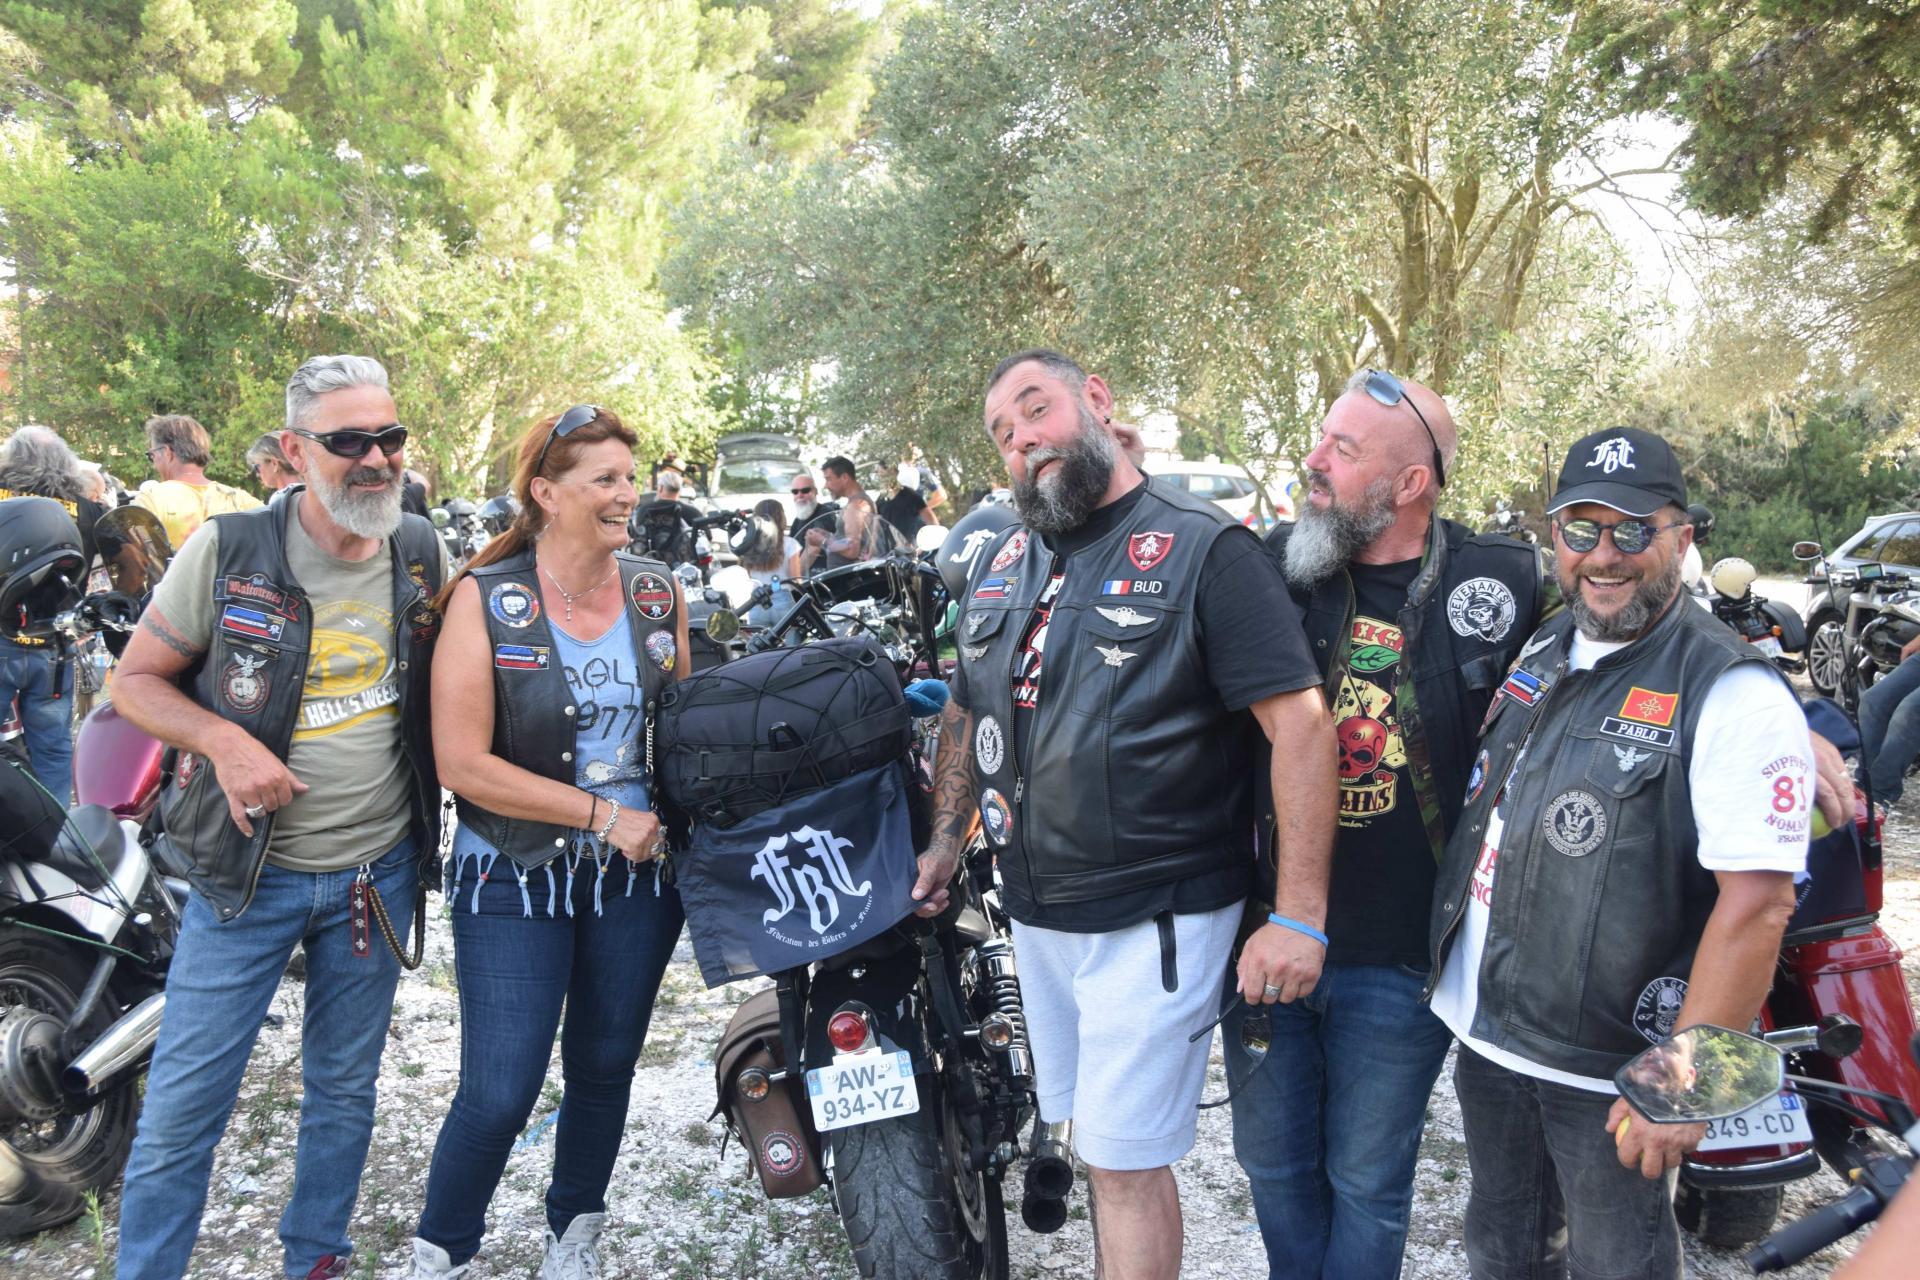 Clique pour la parade motos sur le port de Bouzigues,